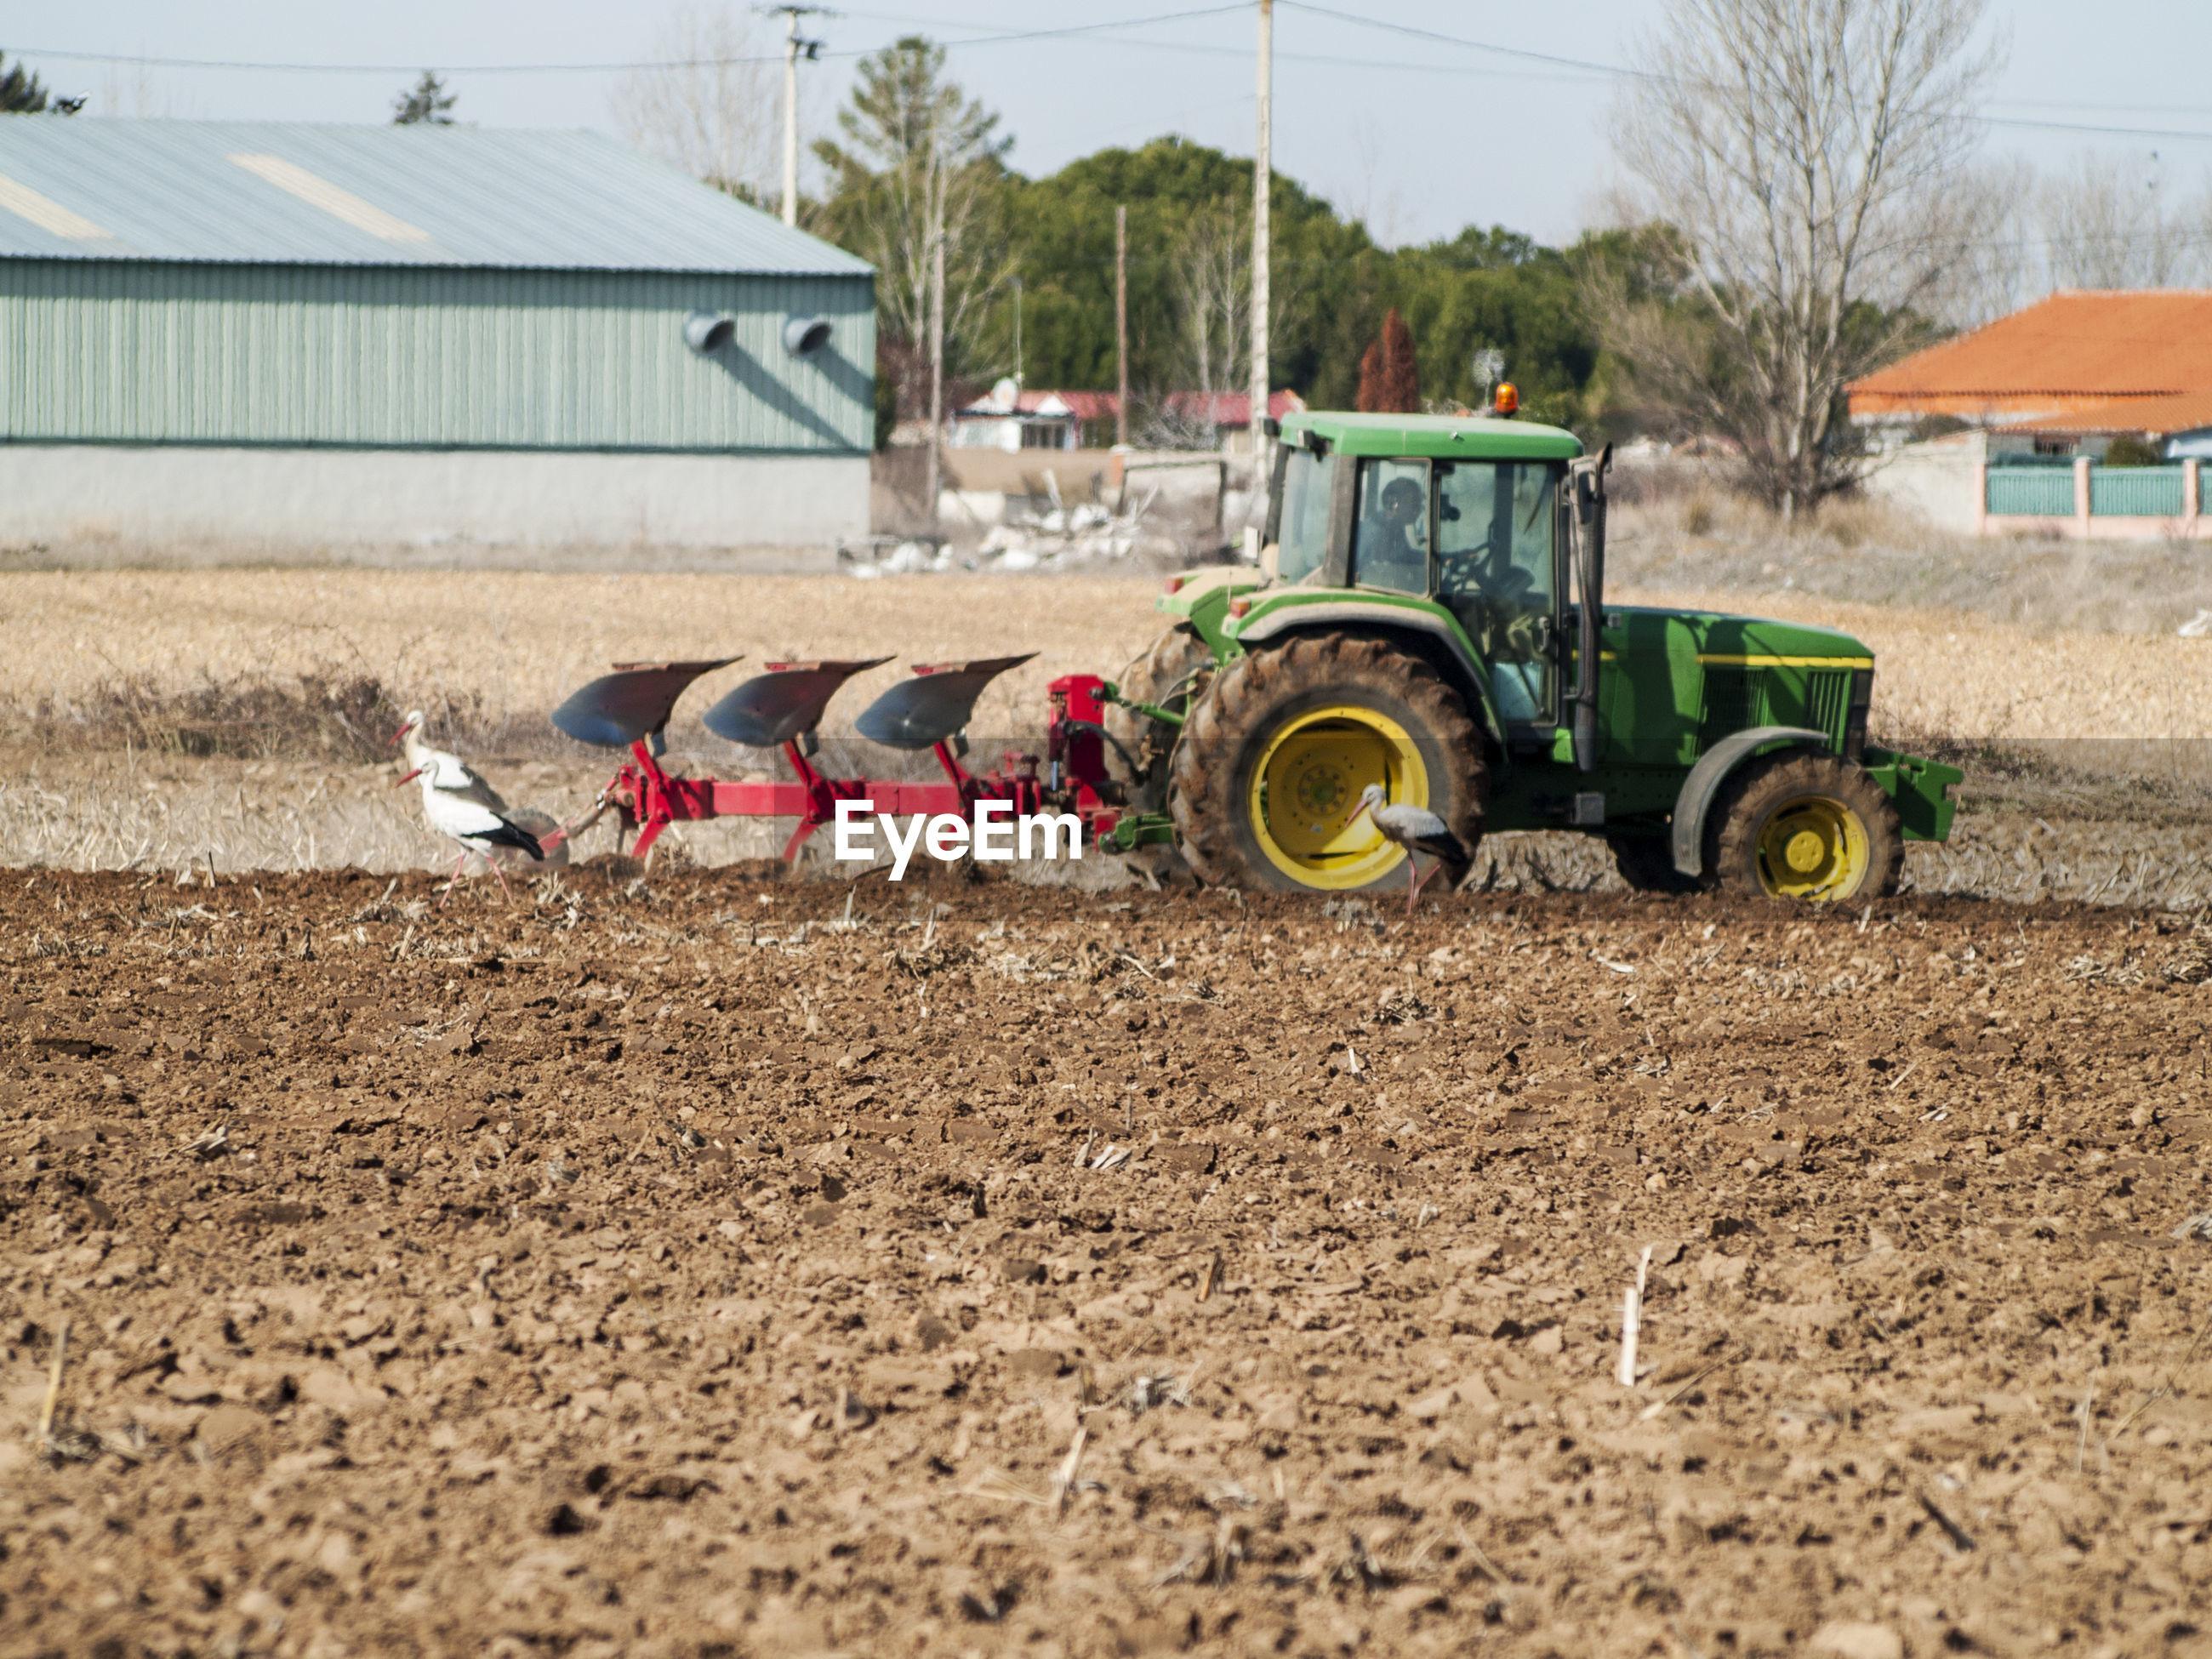 Combine harvester on field in farm